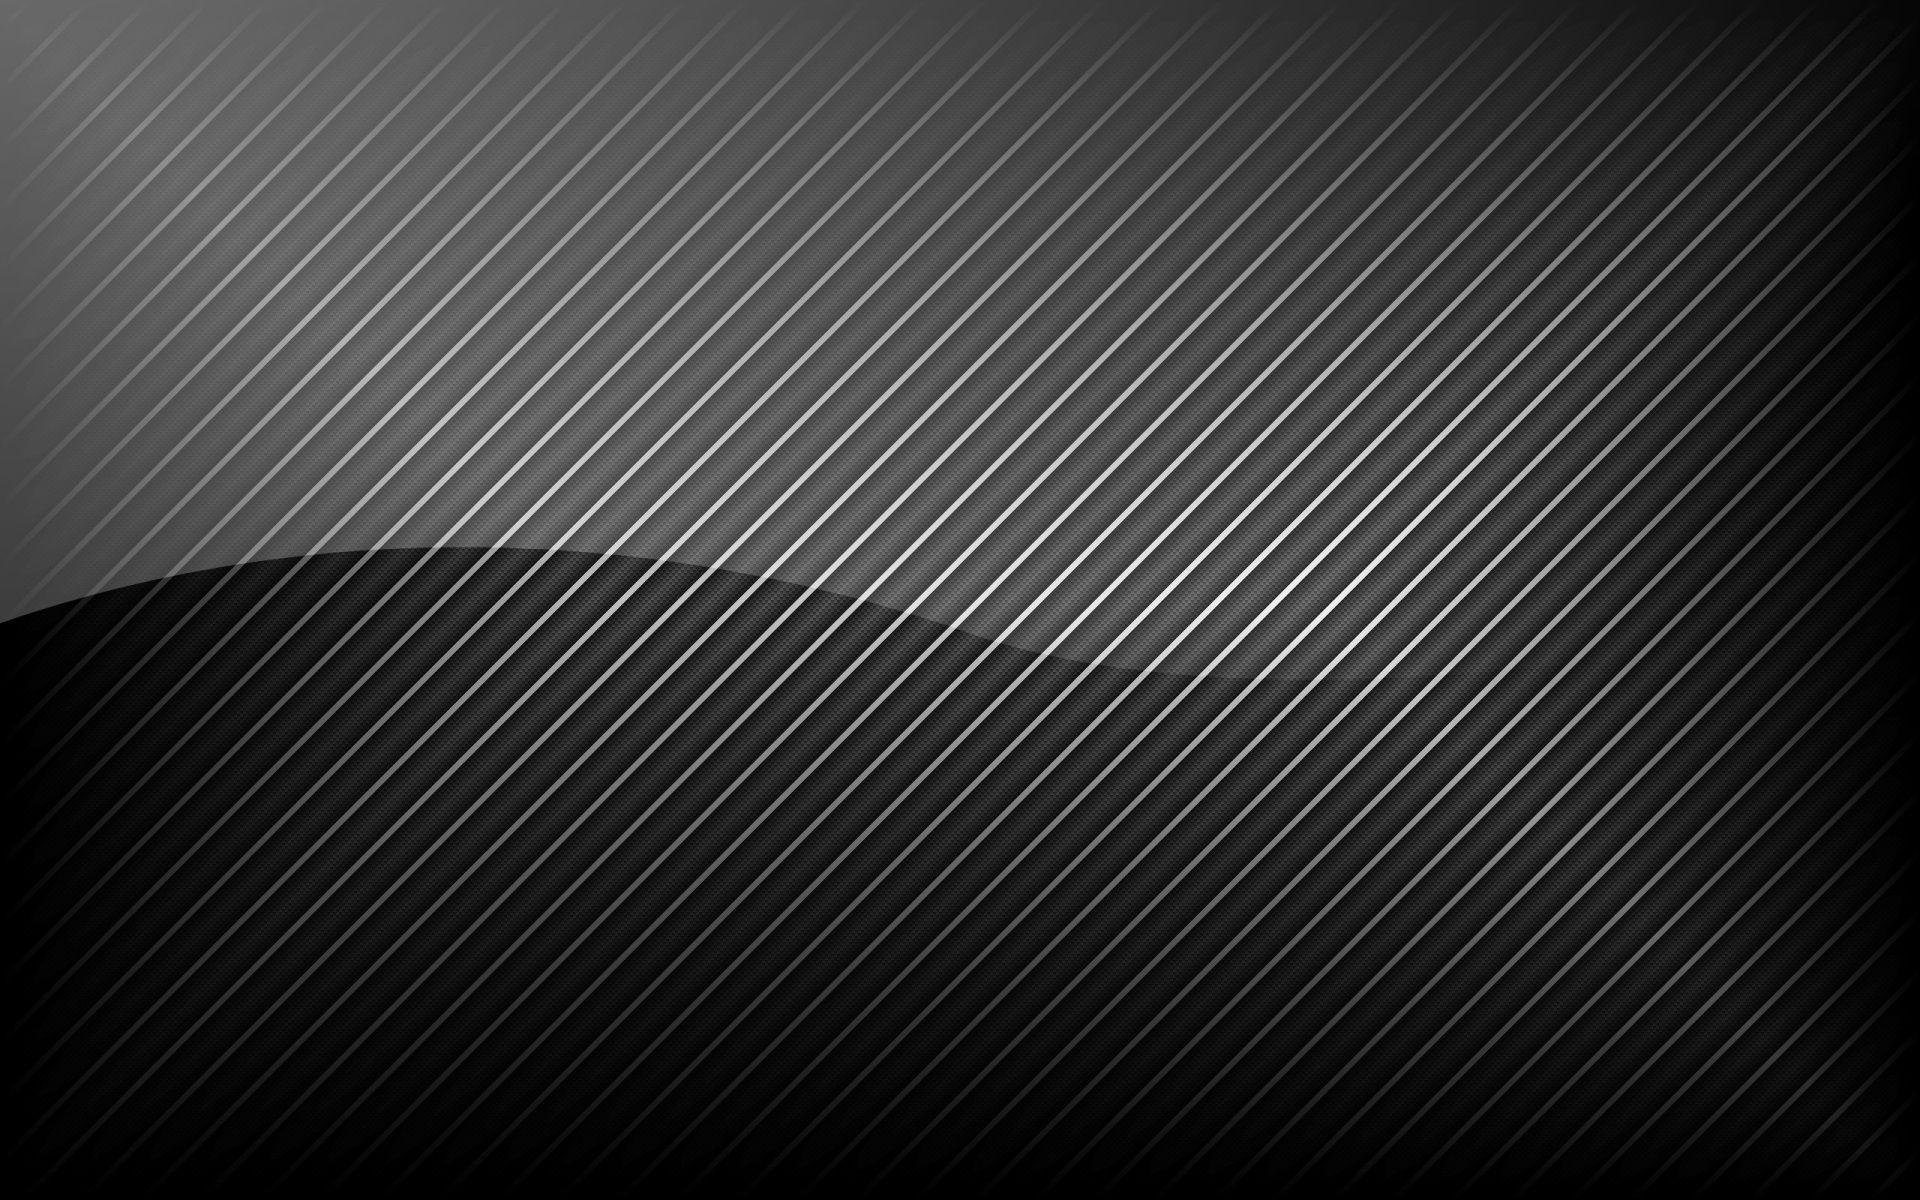 1920x1200 Dark Wallpaper Hd Top Carbon Fiber Wallpaper Black Carbon Wallpaper Carbon Wallpaper